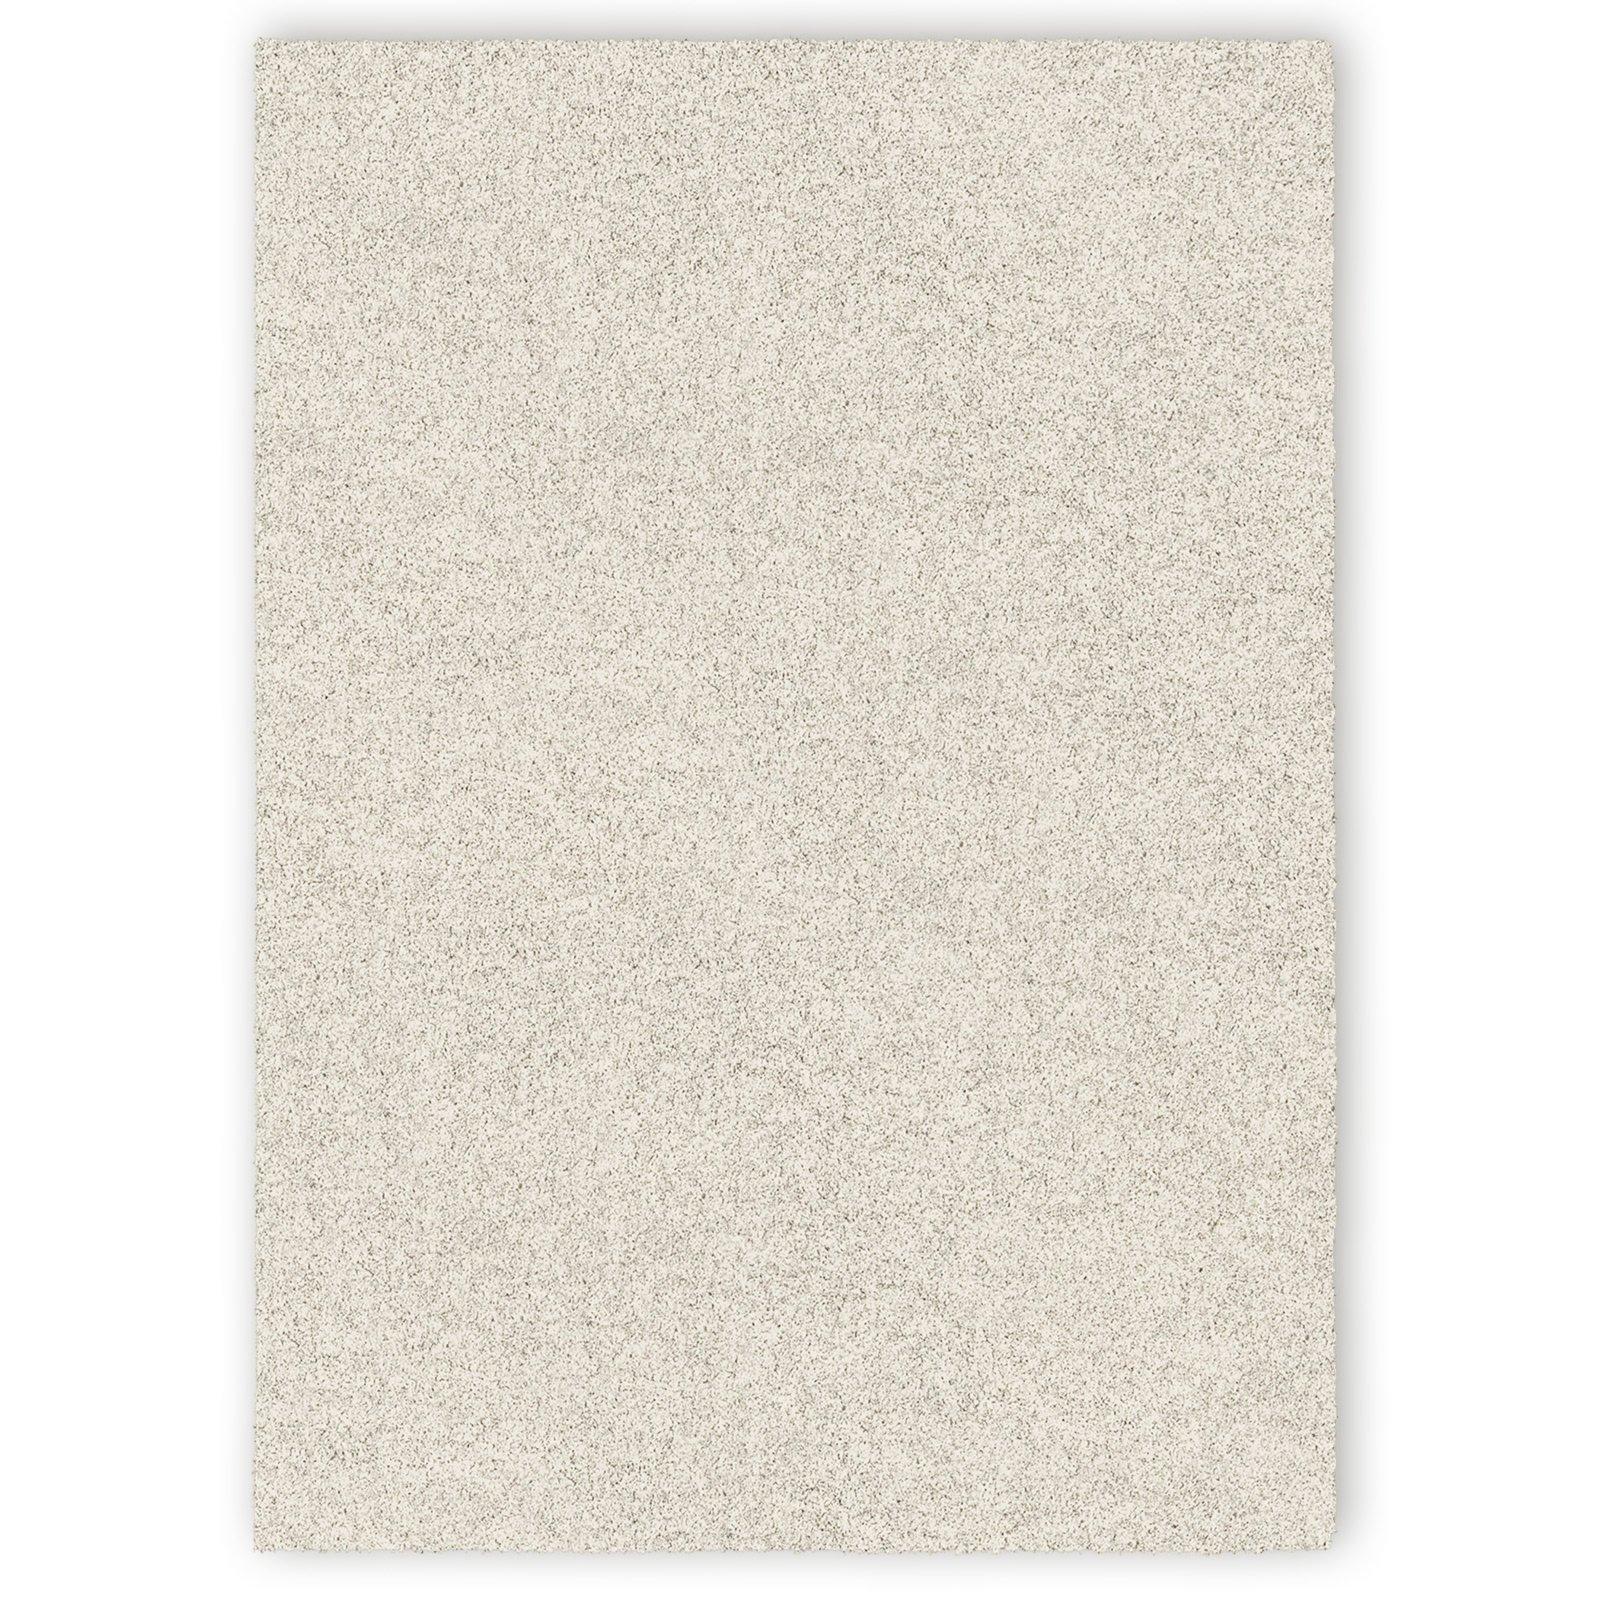 teppich desire beige 200x290 cm einfarbige teppiche. Black Bedroom Furniture Sets. Home Design Ideas